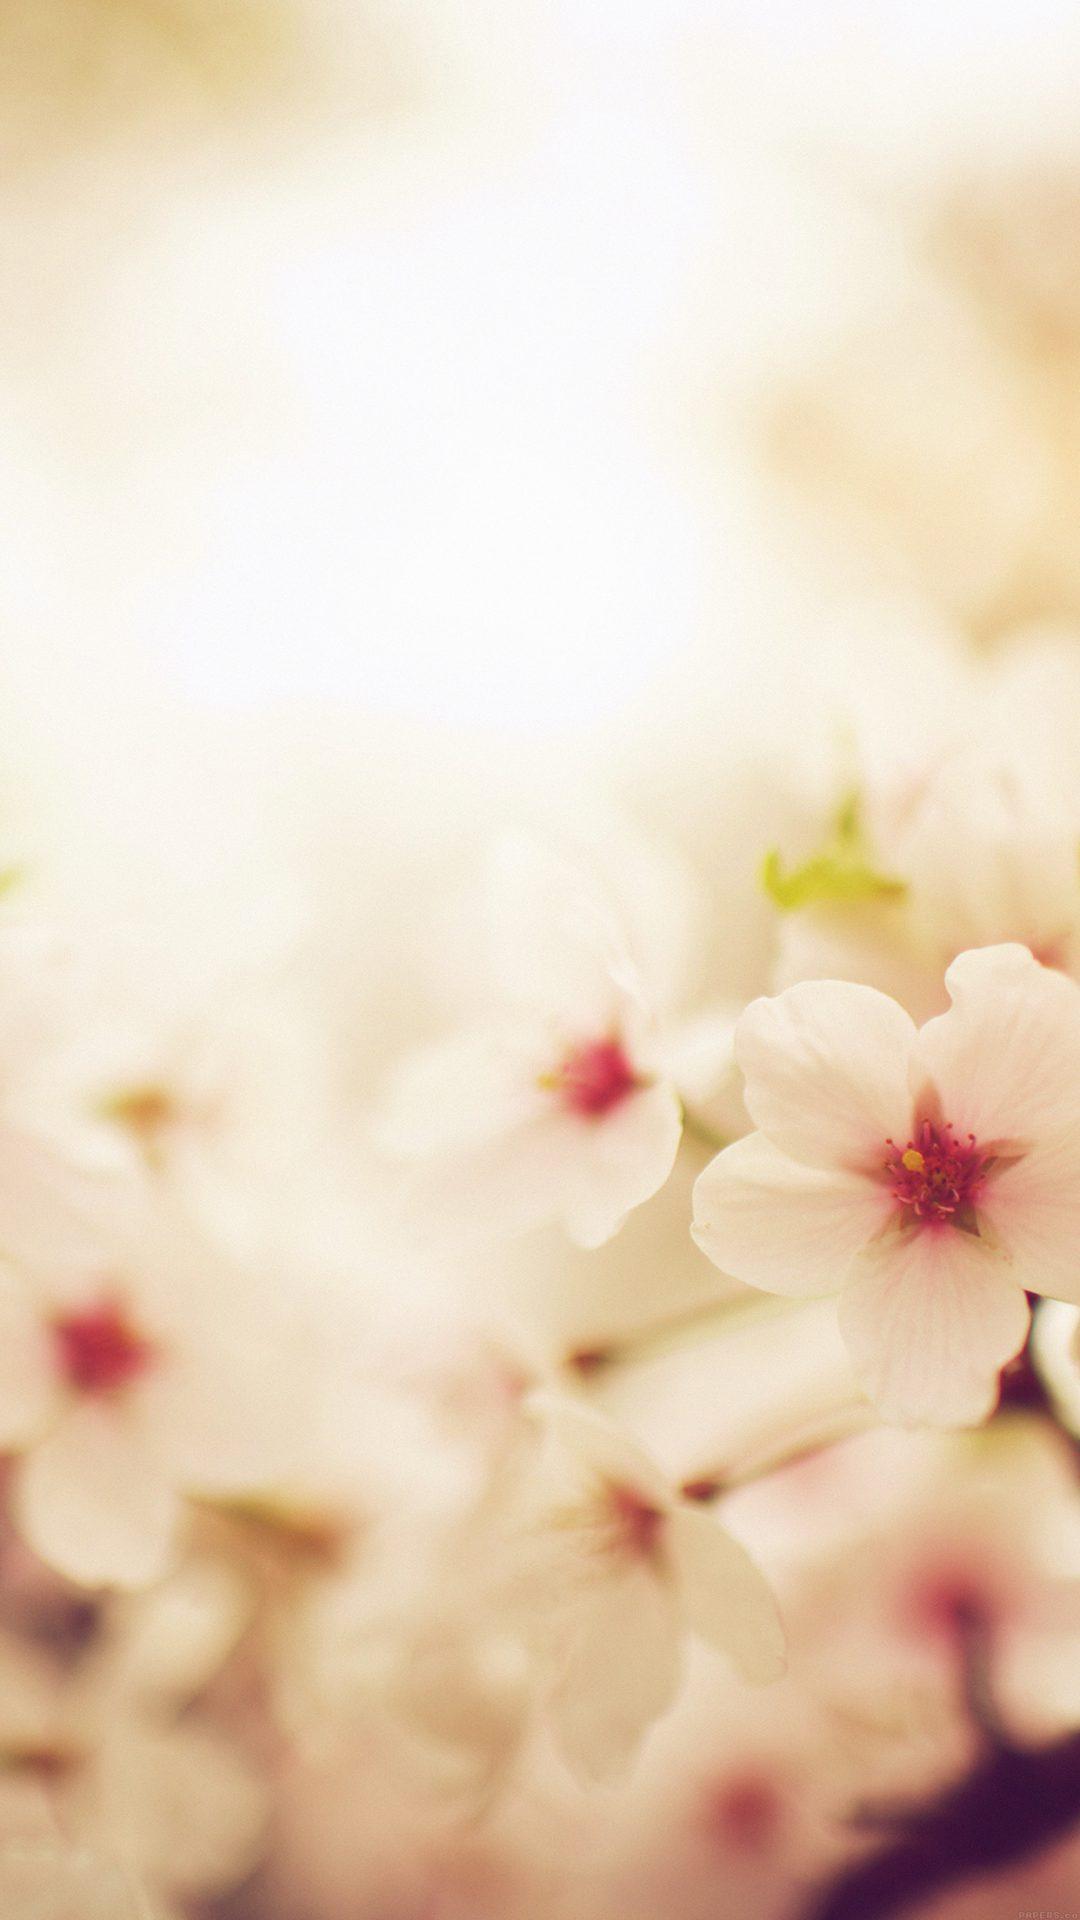 Blossom Cherry Spring Red Sakura Nature Flower